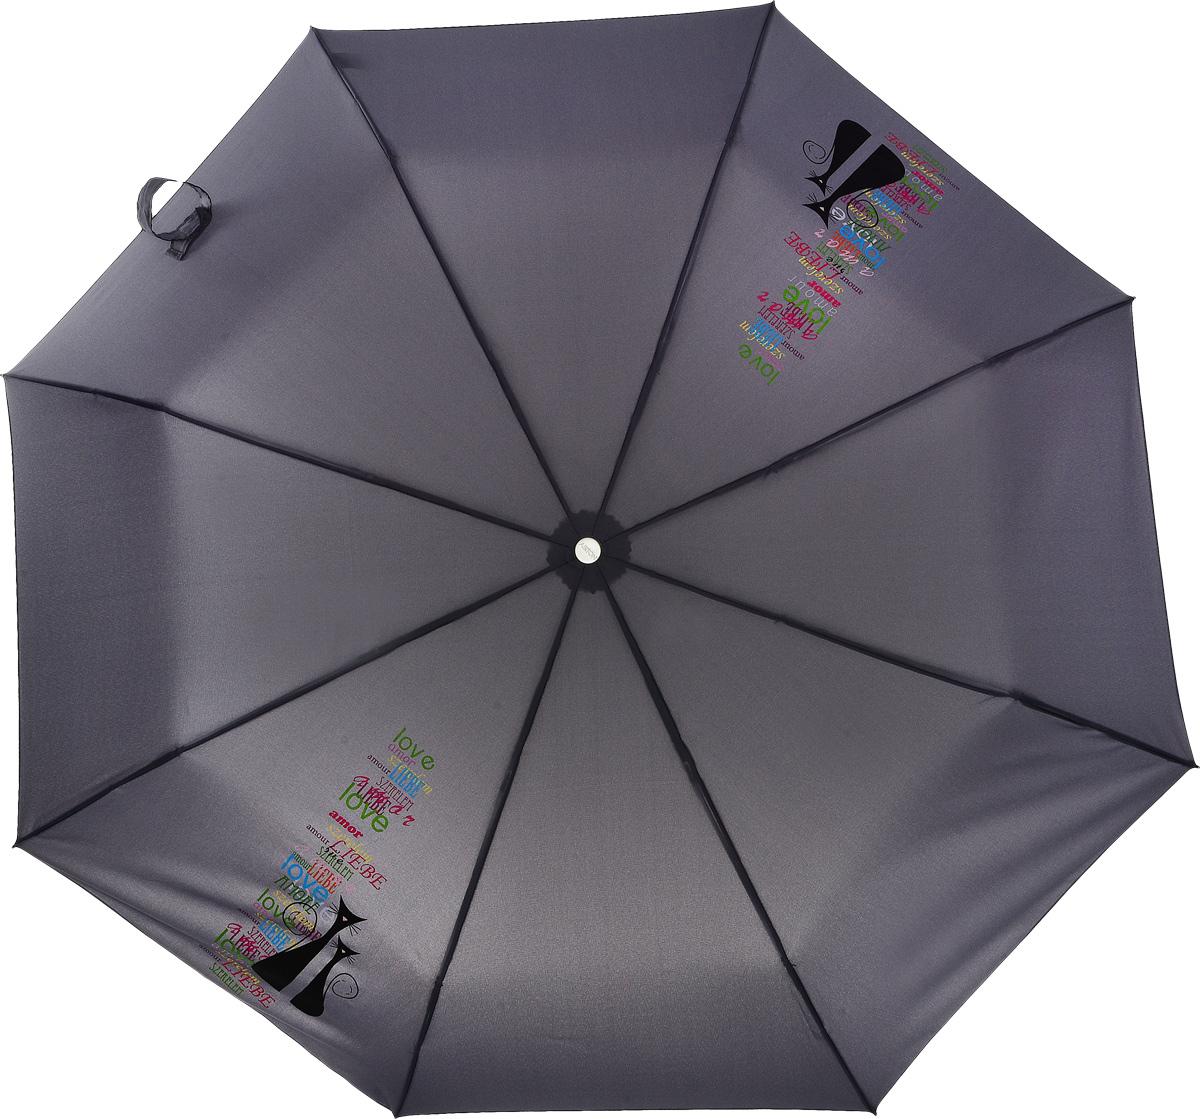 Зонт женский Airton, механический, 3 сложения, цвет: серый, черный. 3512-0413512-041Оригинальный однотонный женский зонт в 3 сложения с миниатюрным цветочным принтом. Данная модель оснащена механической системой открытия и закрытия. Удобная ручка выполнена из пластика в тон основному цвету купола зонта. Модель зонта выполнена в стандартном размере, оснащена системой Антиветер. Этот стильный аксессуар поместится практически в любую женскую сумочку благодаря своим небольшим размерам.